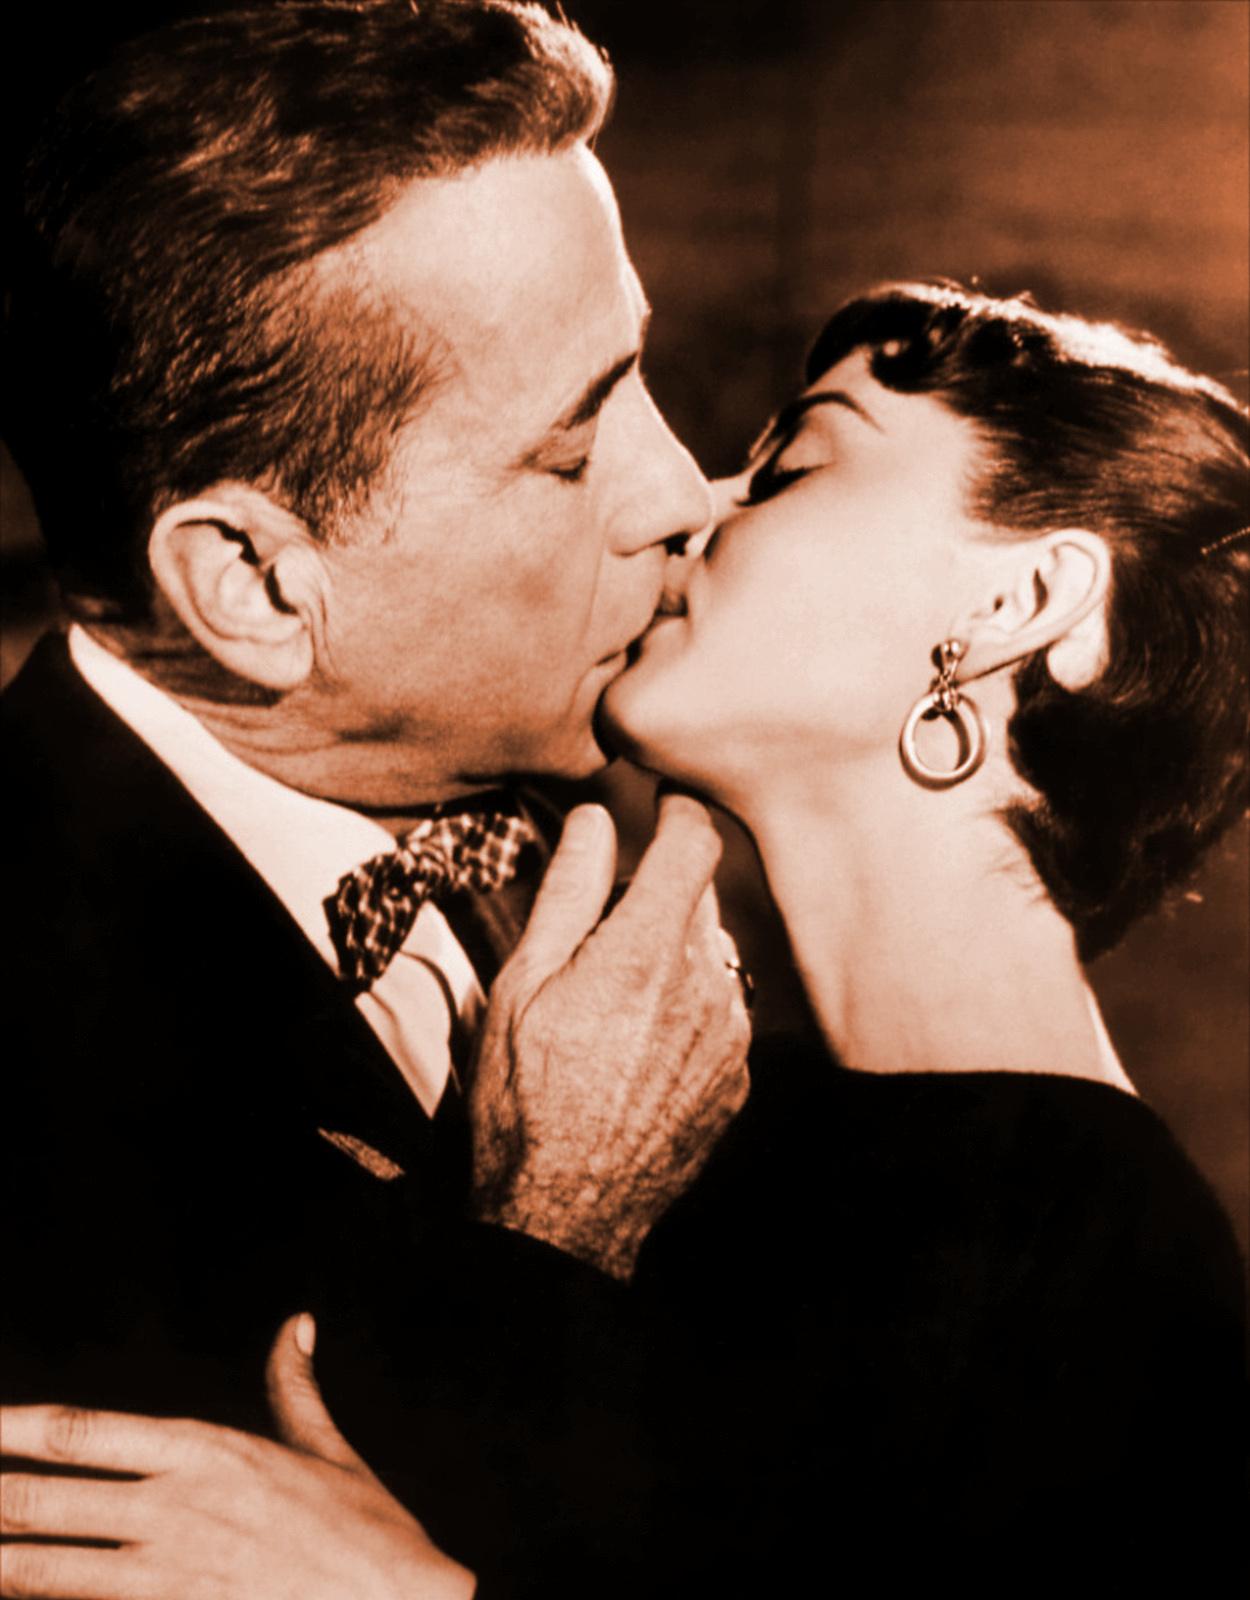 Alnına bir öpücük - prizma ihale duygular